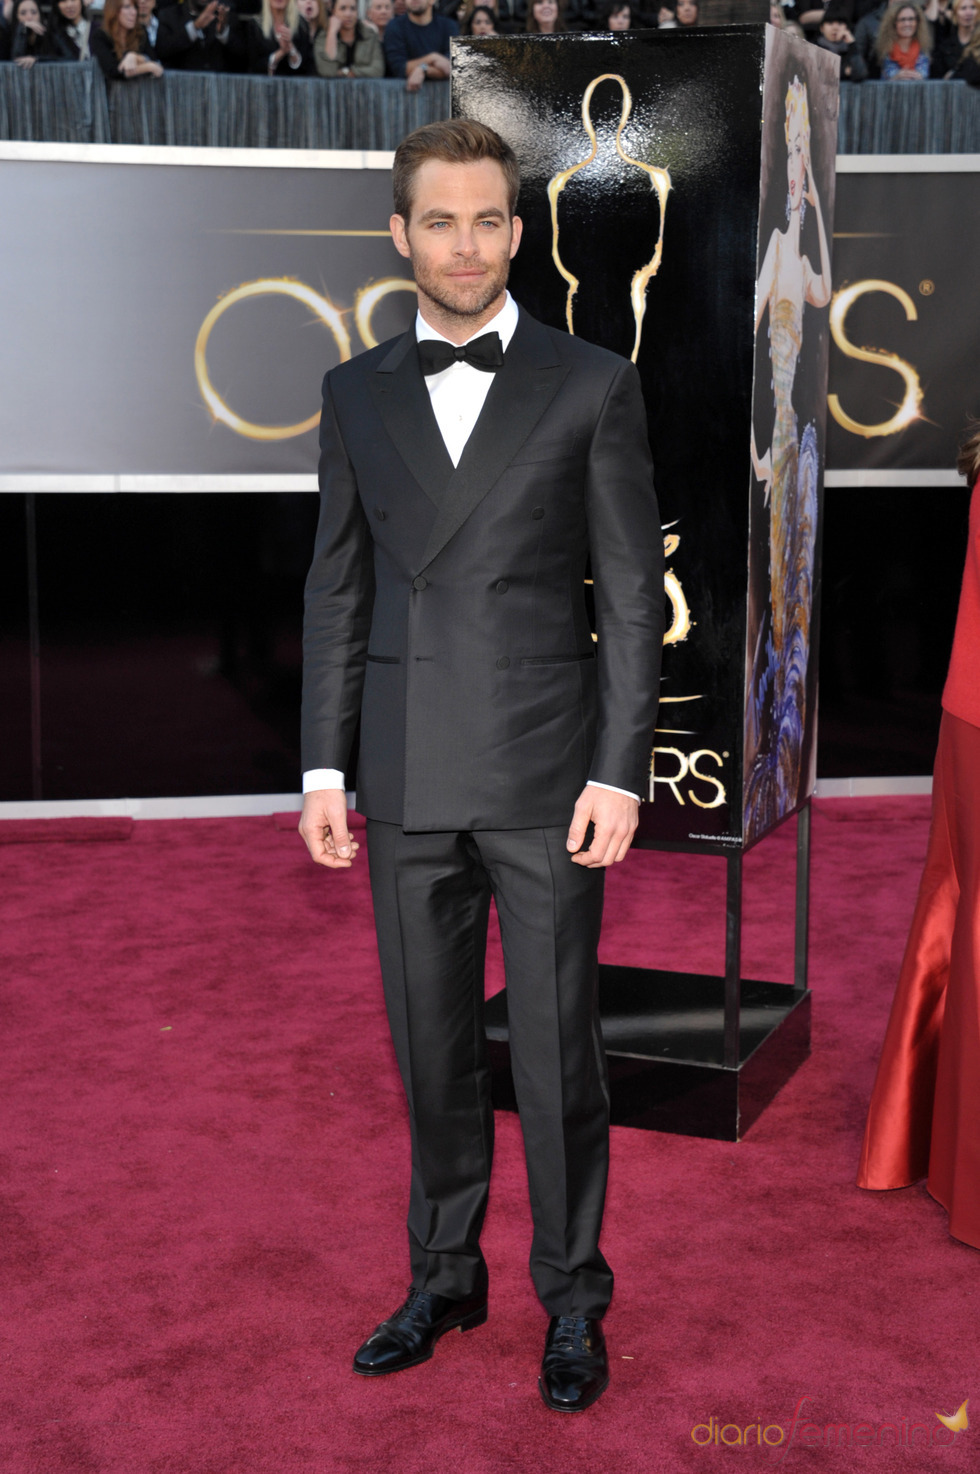 El elegante traje de Chris Pine en la alfombra roja de los Oscars 2013